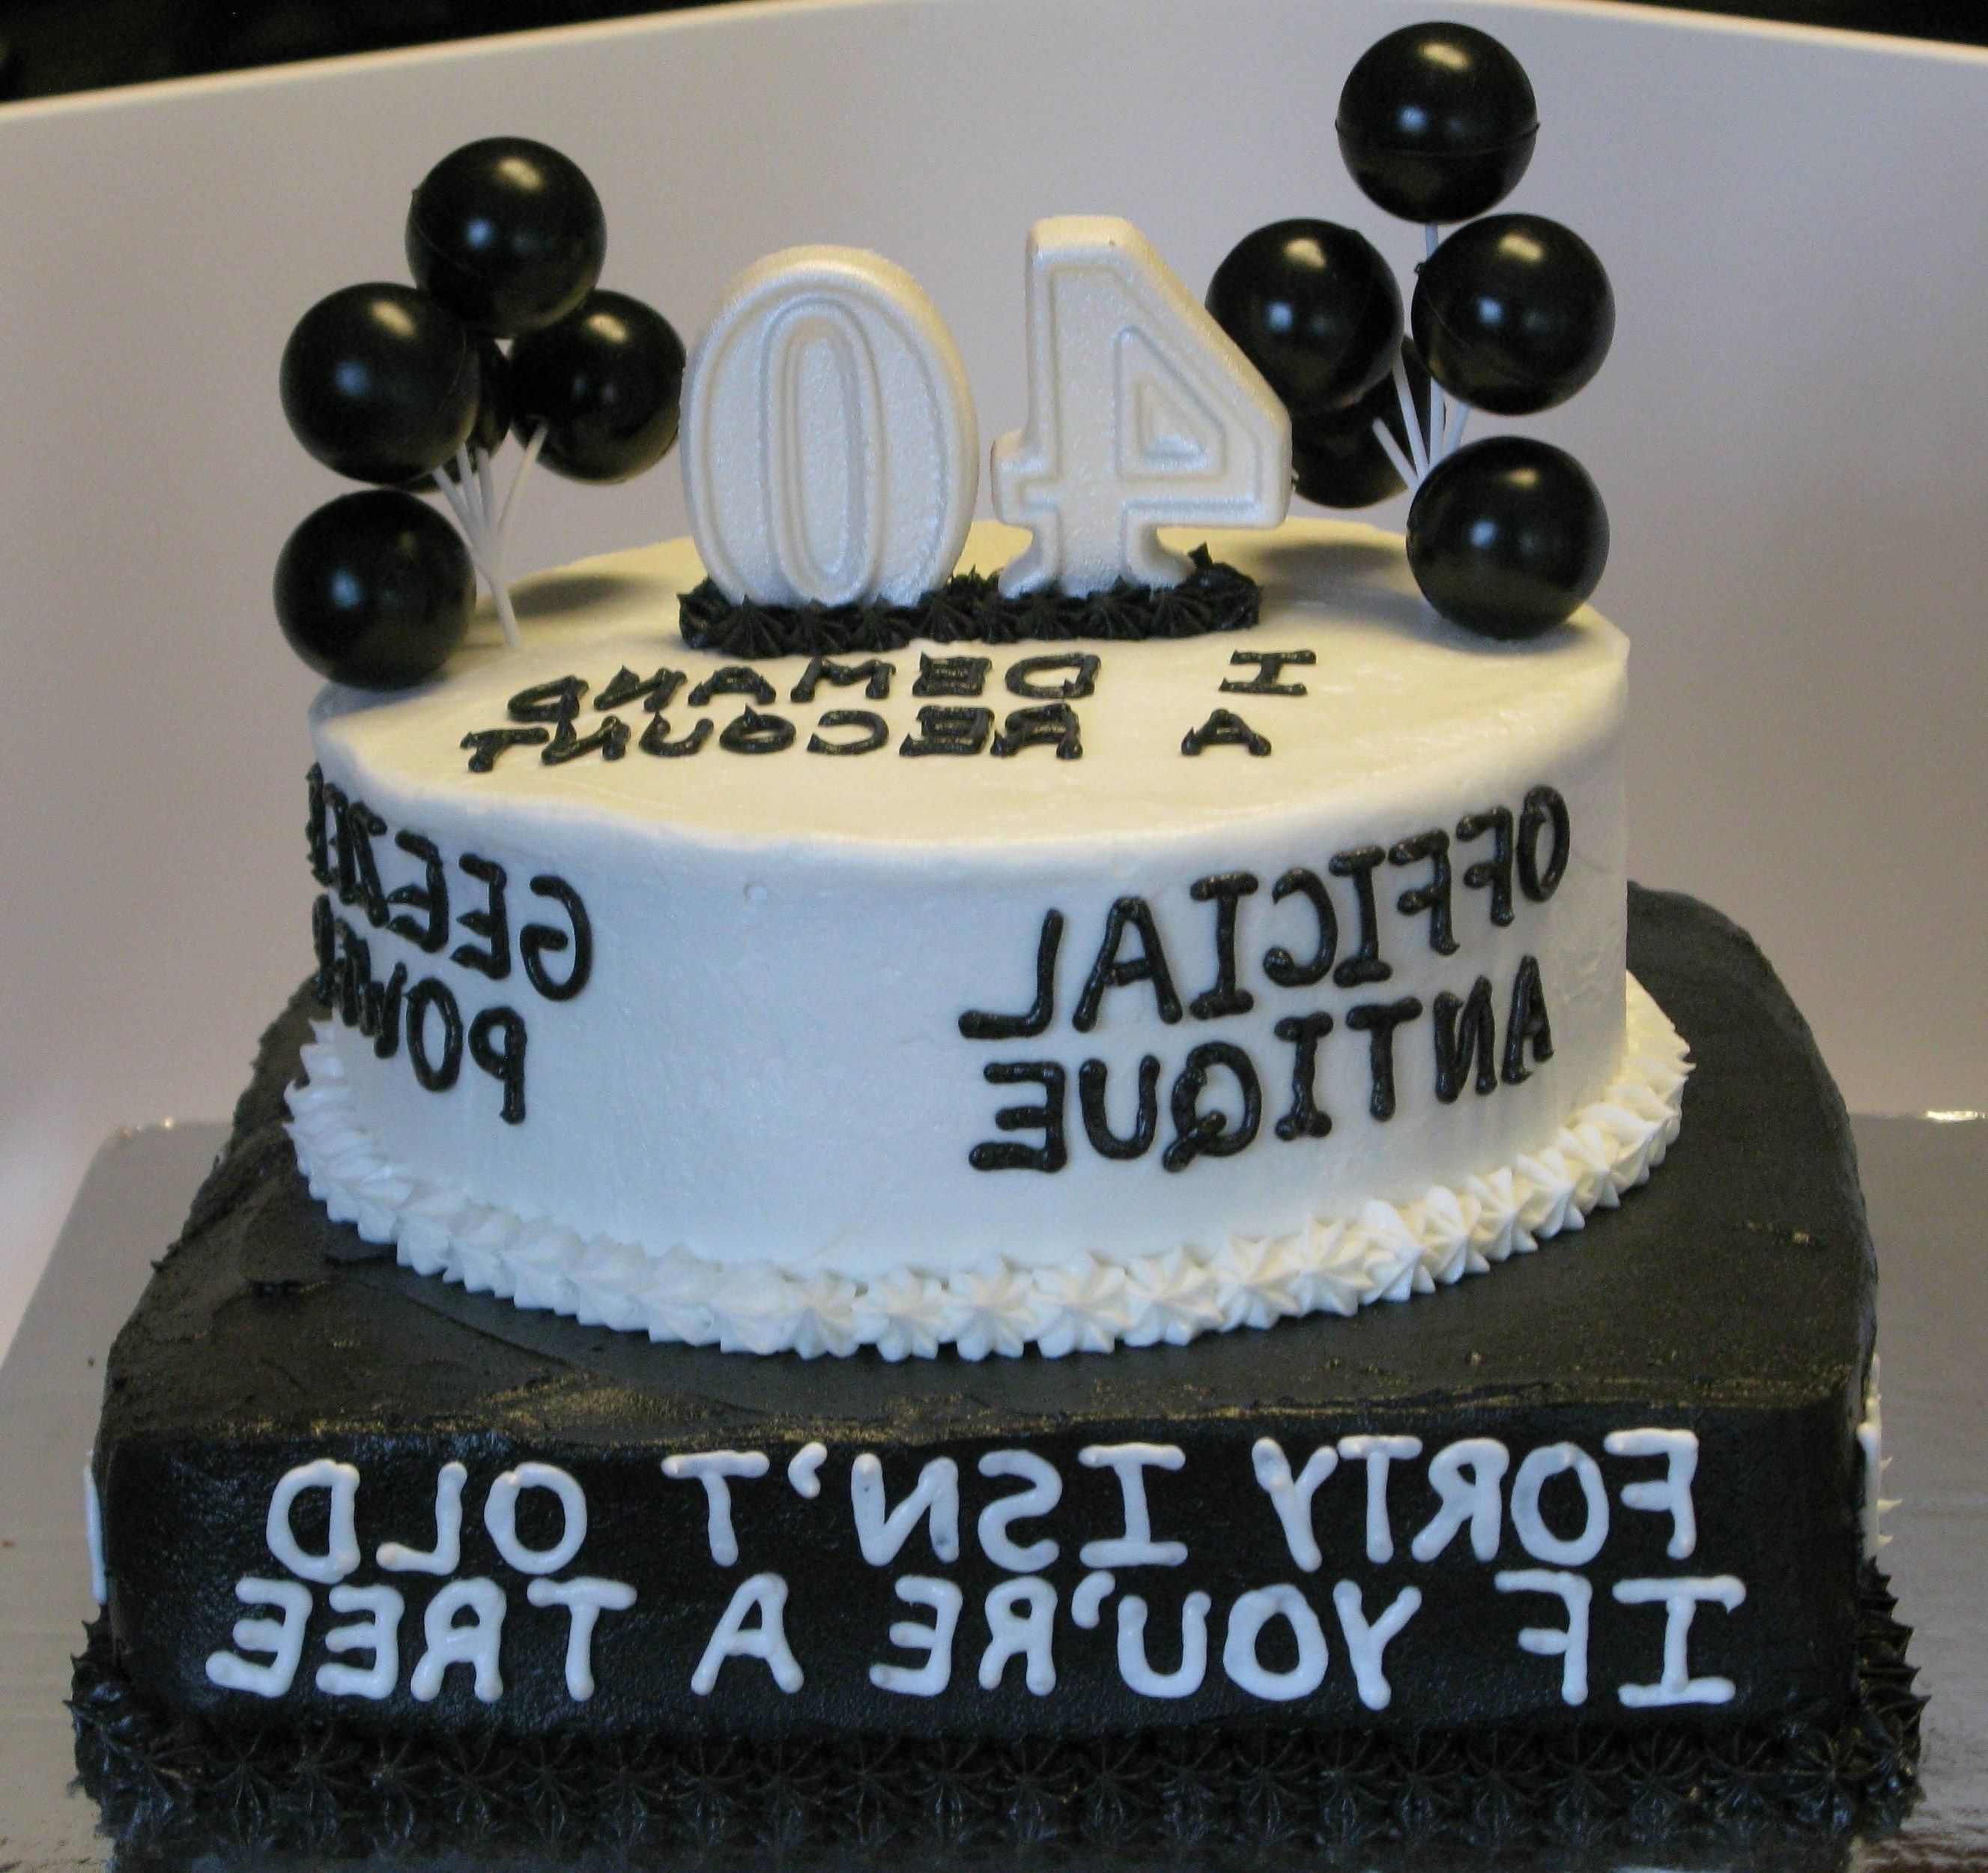 27 Wonderful Photo Of Birthday Cake Sayings Wedding Funny From Imacimagesco